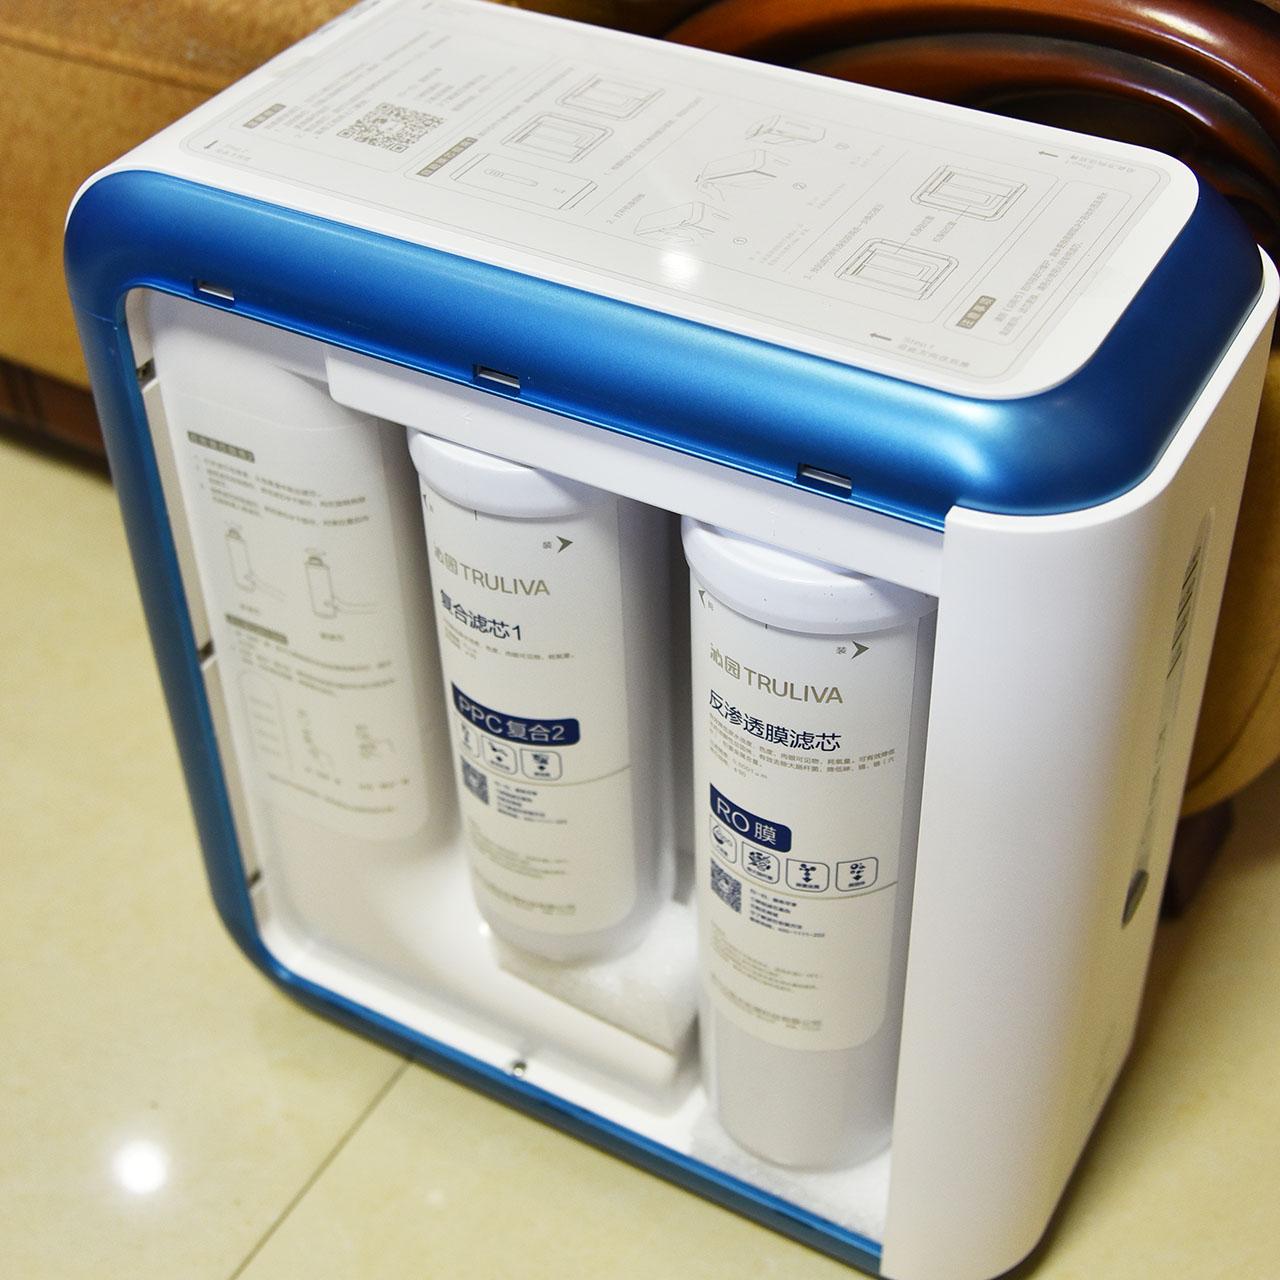 家用沁园净水器3833怎么样?分享沁园3803净水器和3833区别哪个好!